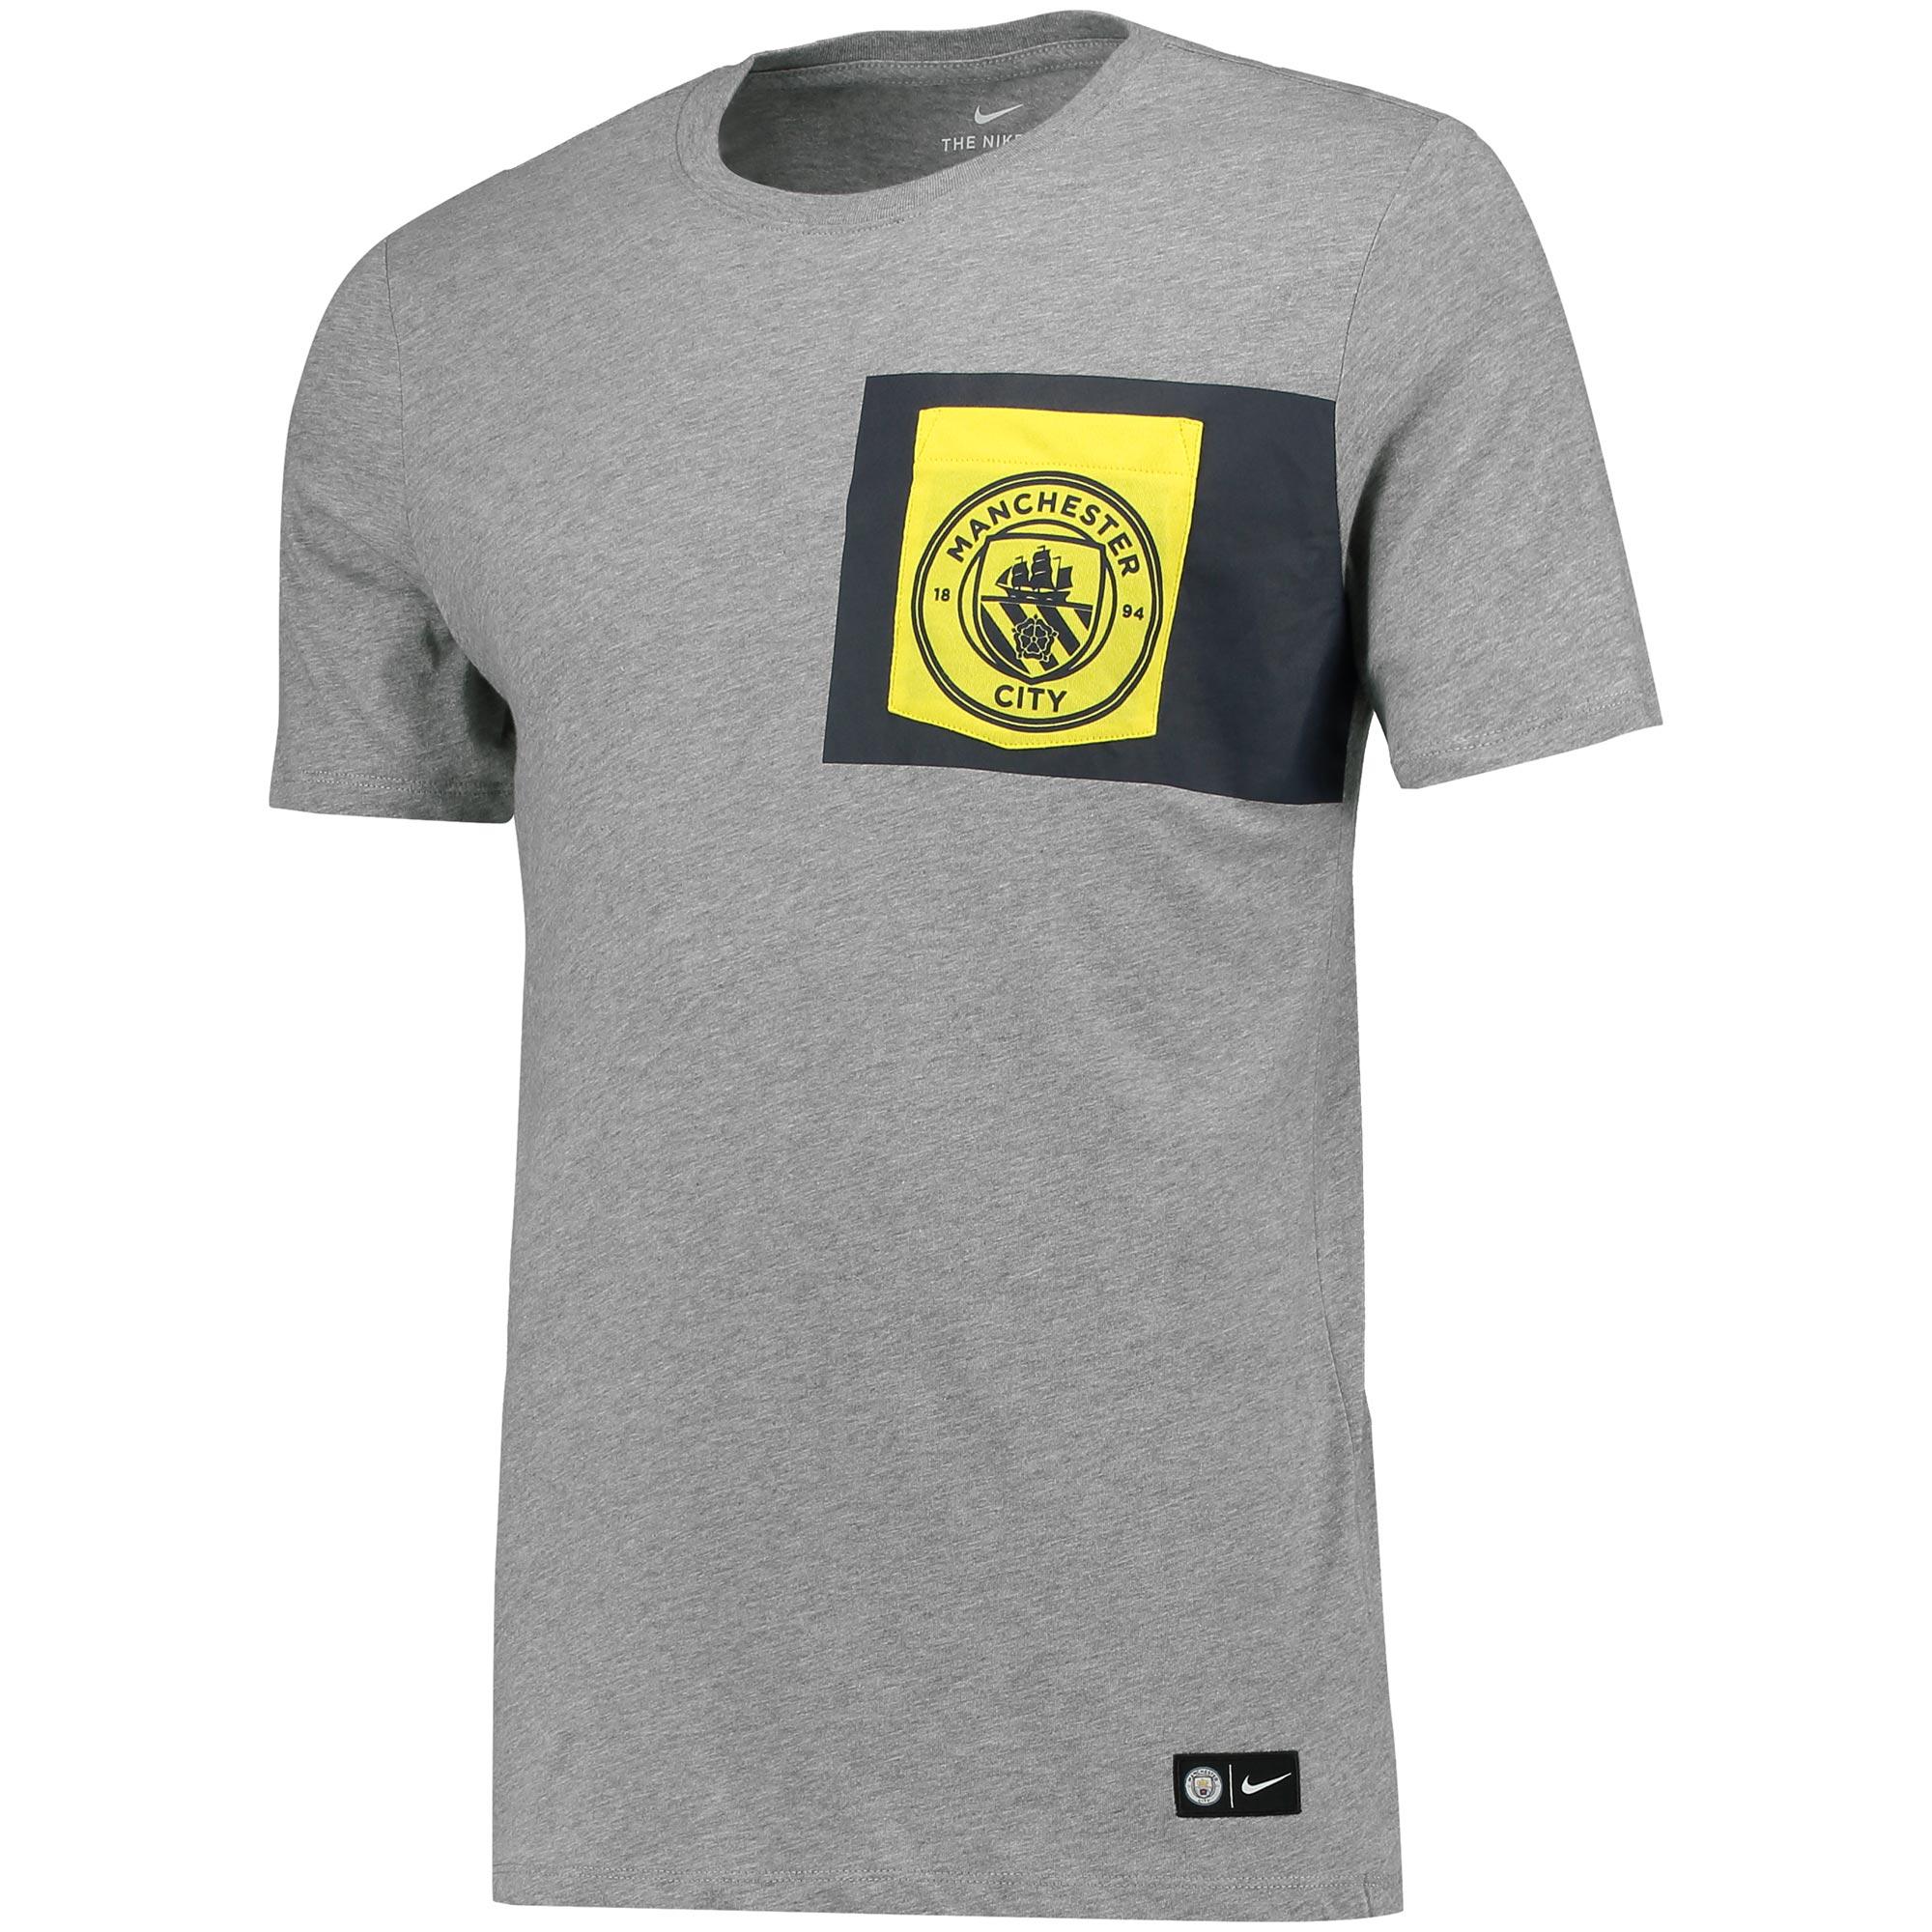 Manchester City Crest T-Shirt - Dk Grey